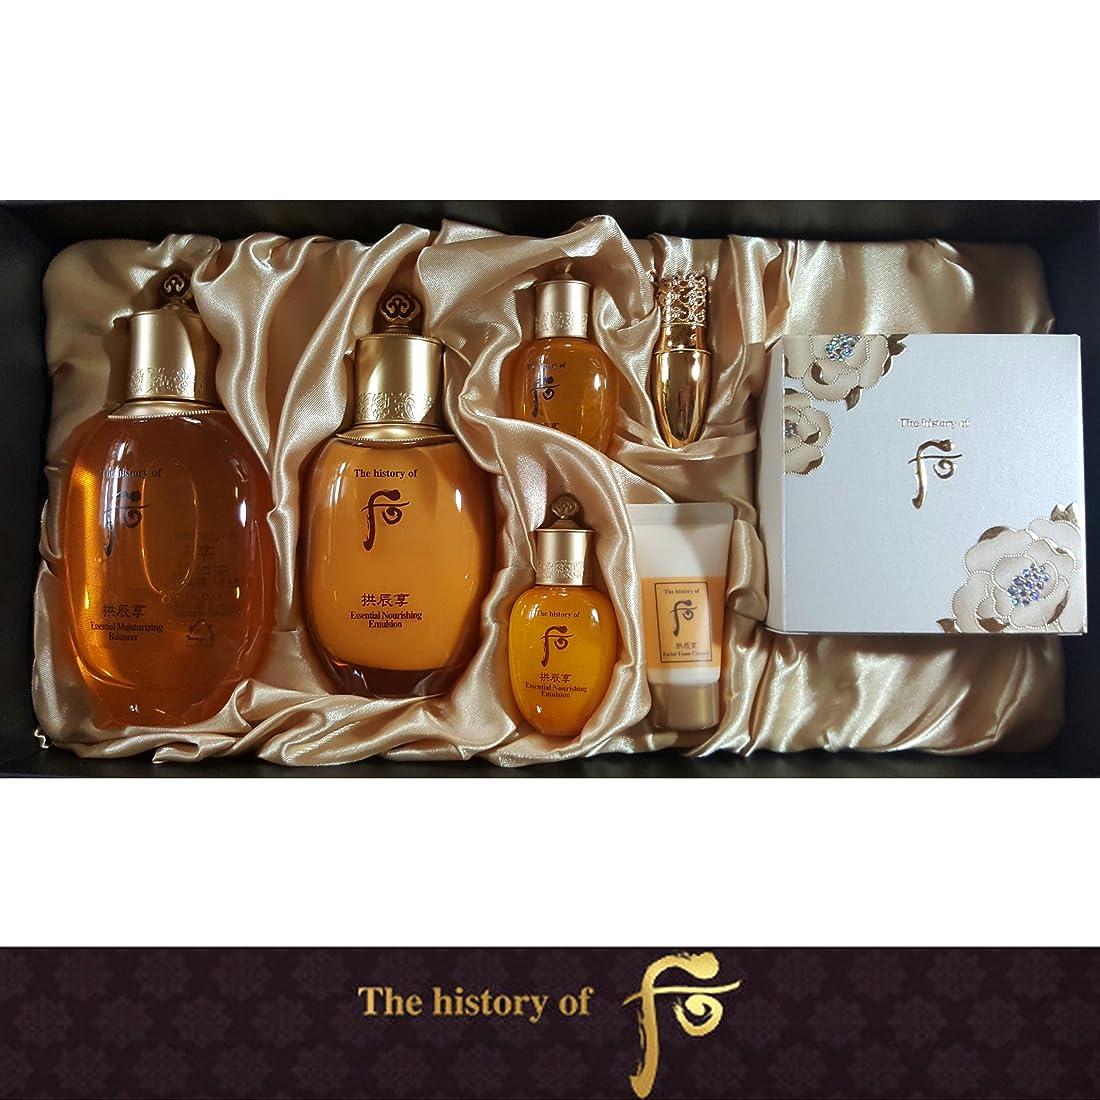 結果として行政コテージ[The History Of Whoo] Whoo 后(フー) Gongjinhyang Royal Court Inyang 3EA ゴンジンヒャン Special Set/宮廷セット 引き揚げ 3種 のスペシャル 3種セット[海外直送品]